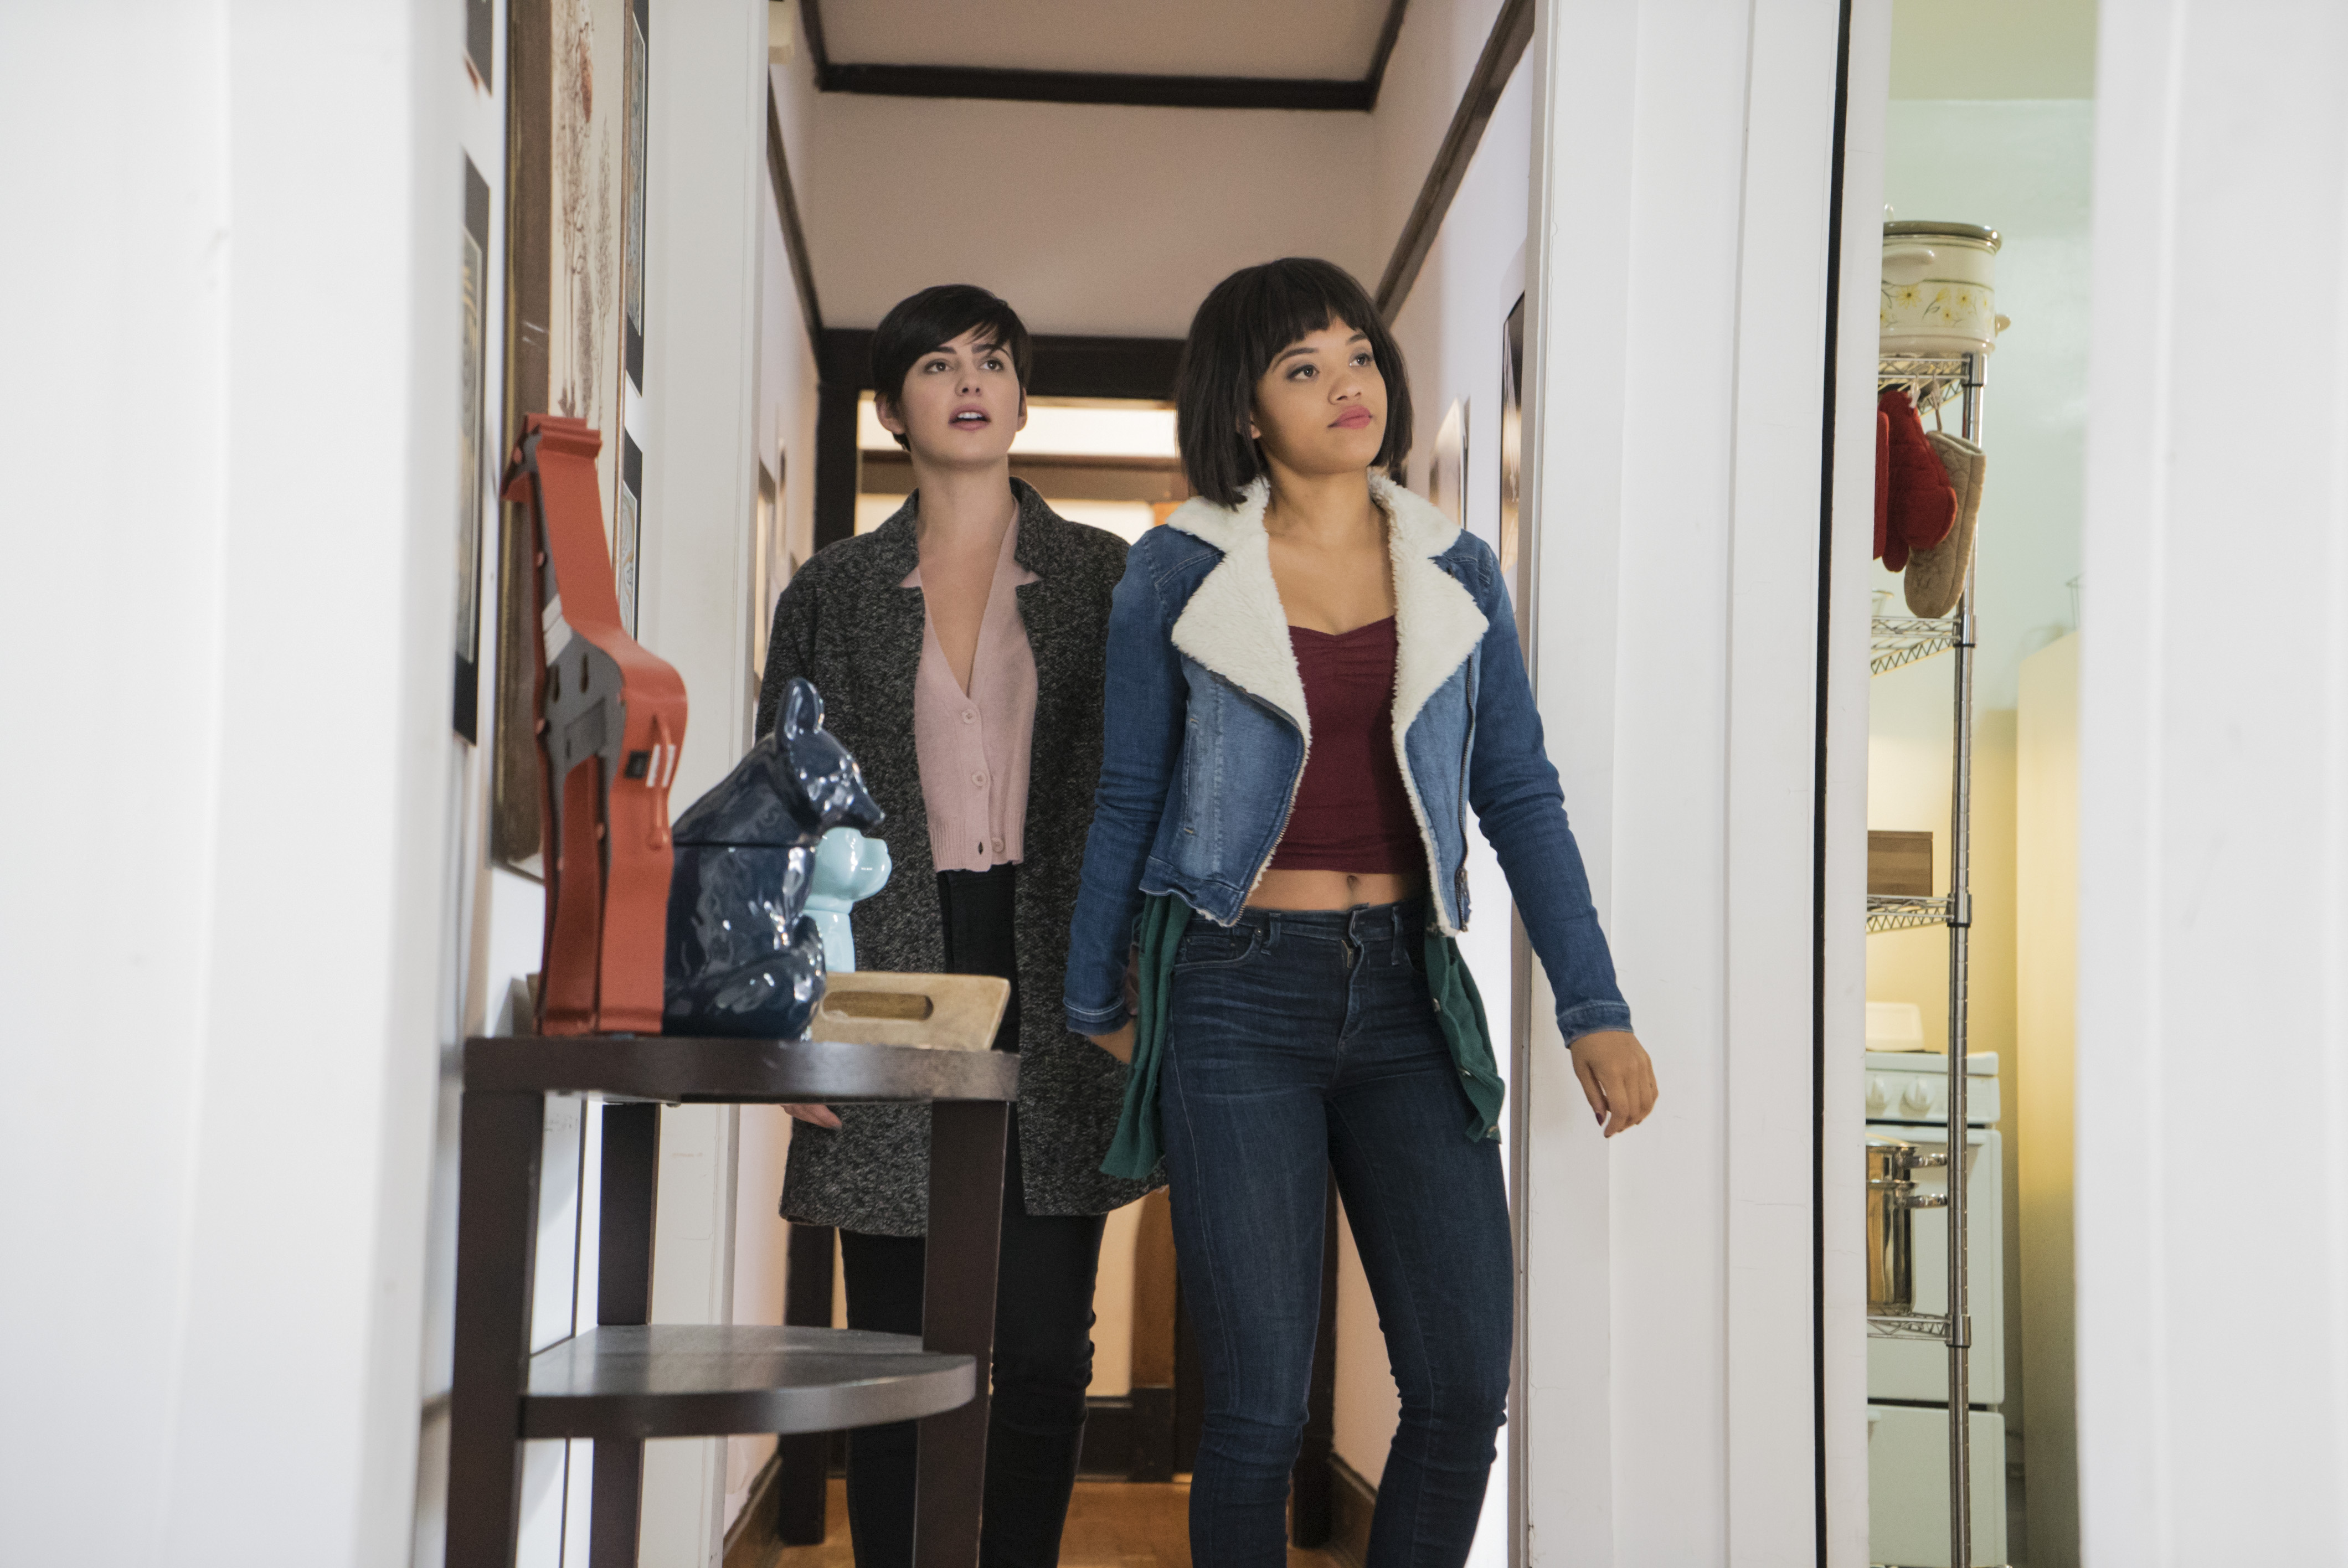 Easy: le attrici Jacqueline Toboni e Kiersey Clemons in una foto della serie